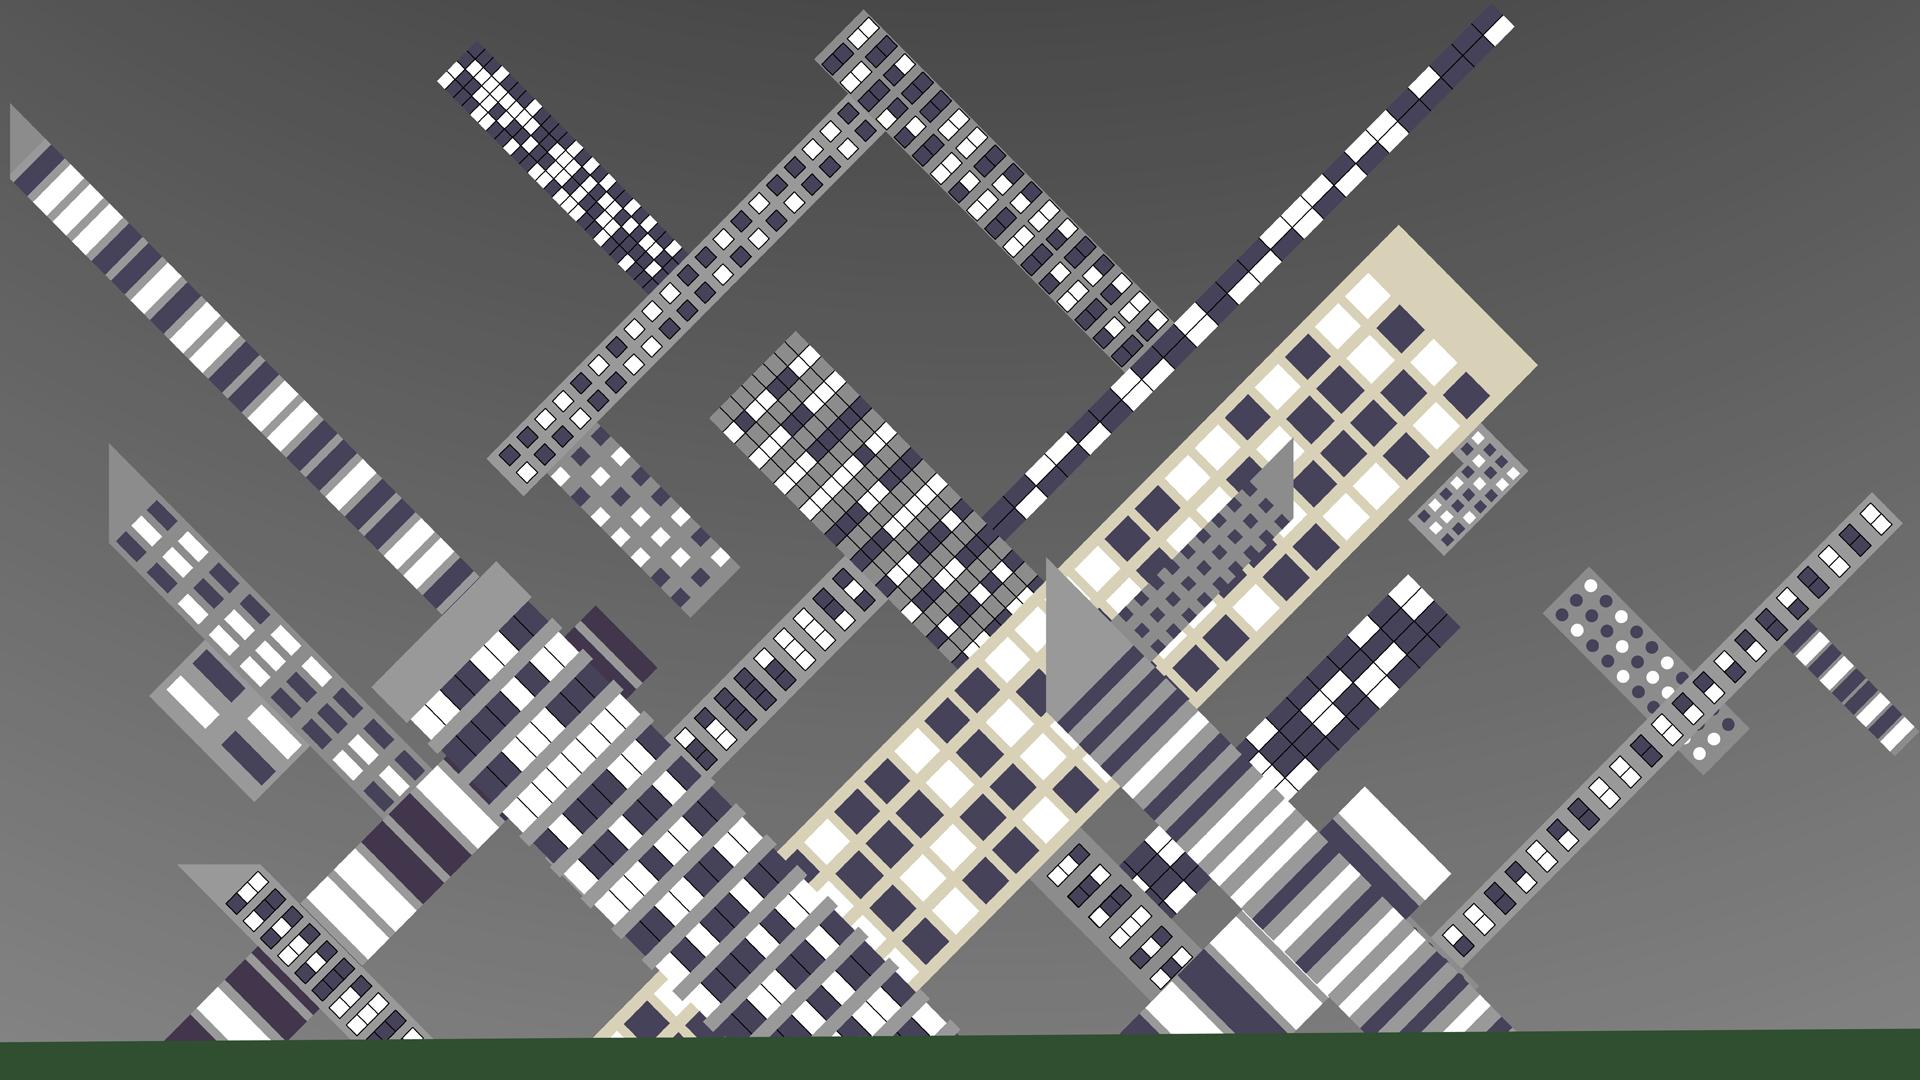 Tilted Buildings